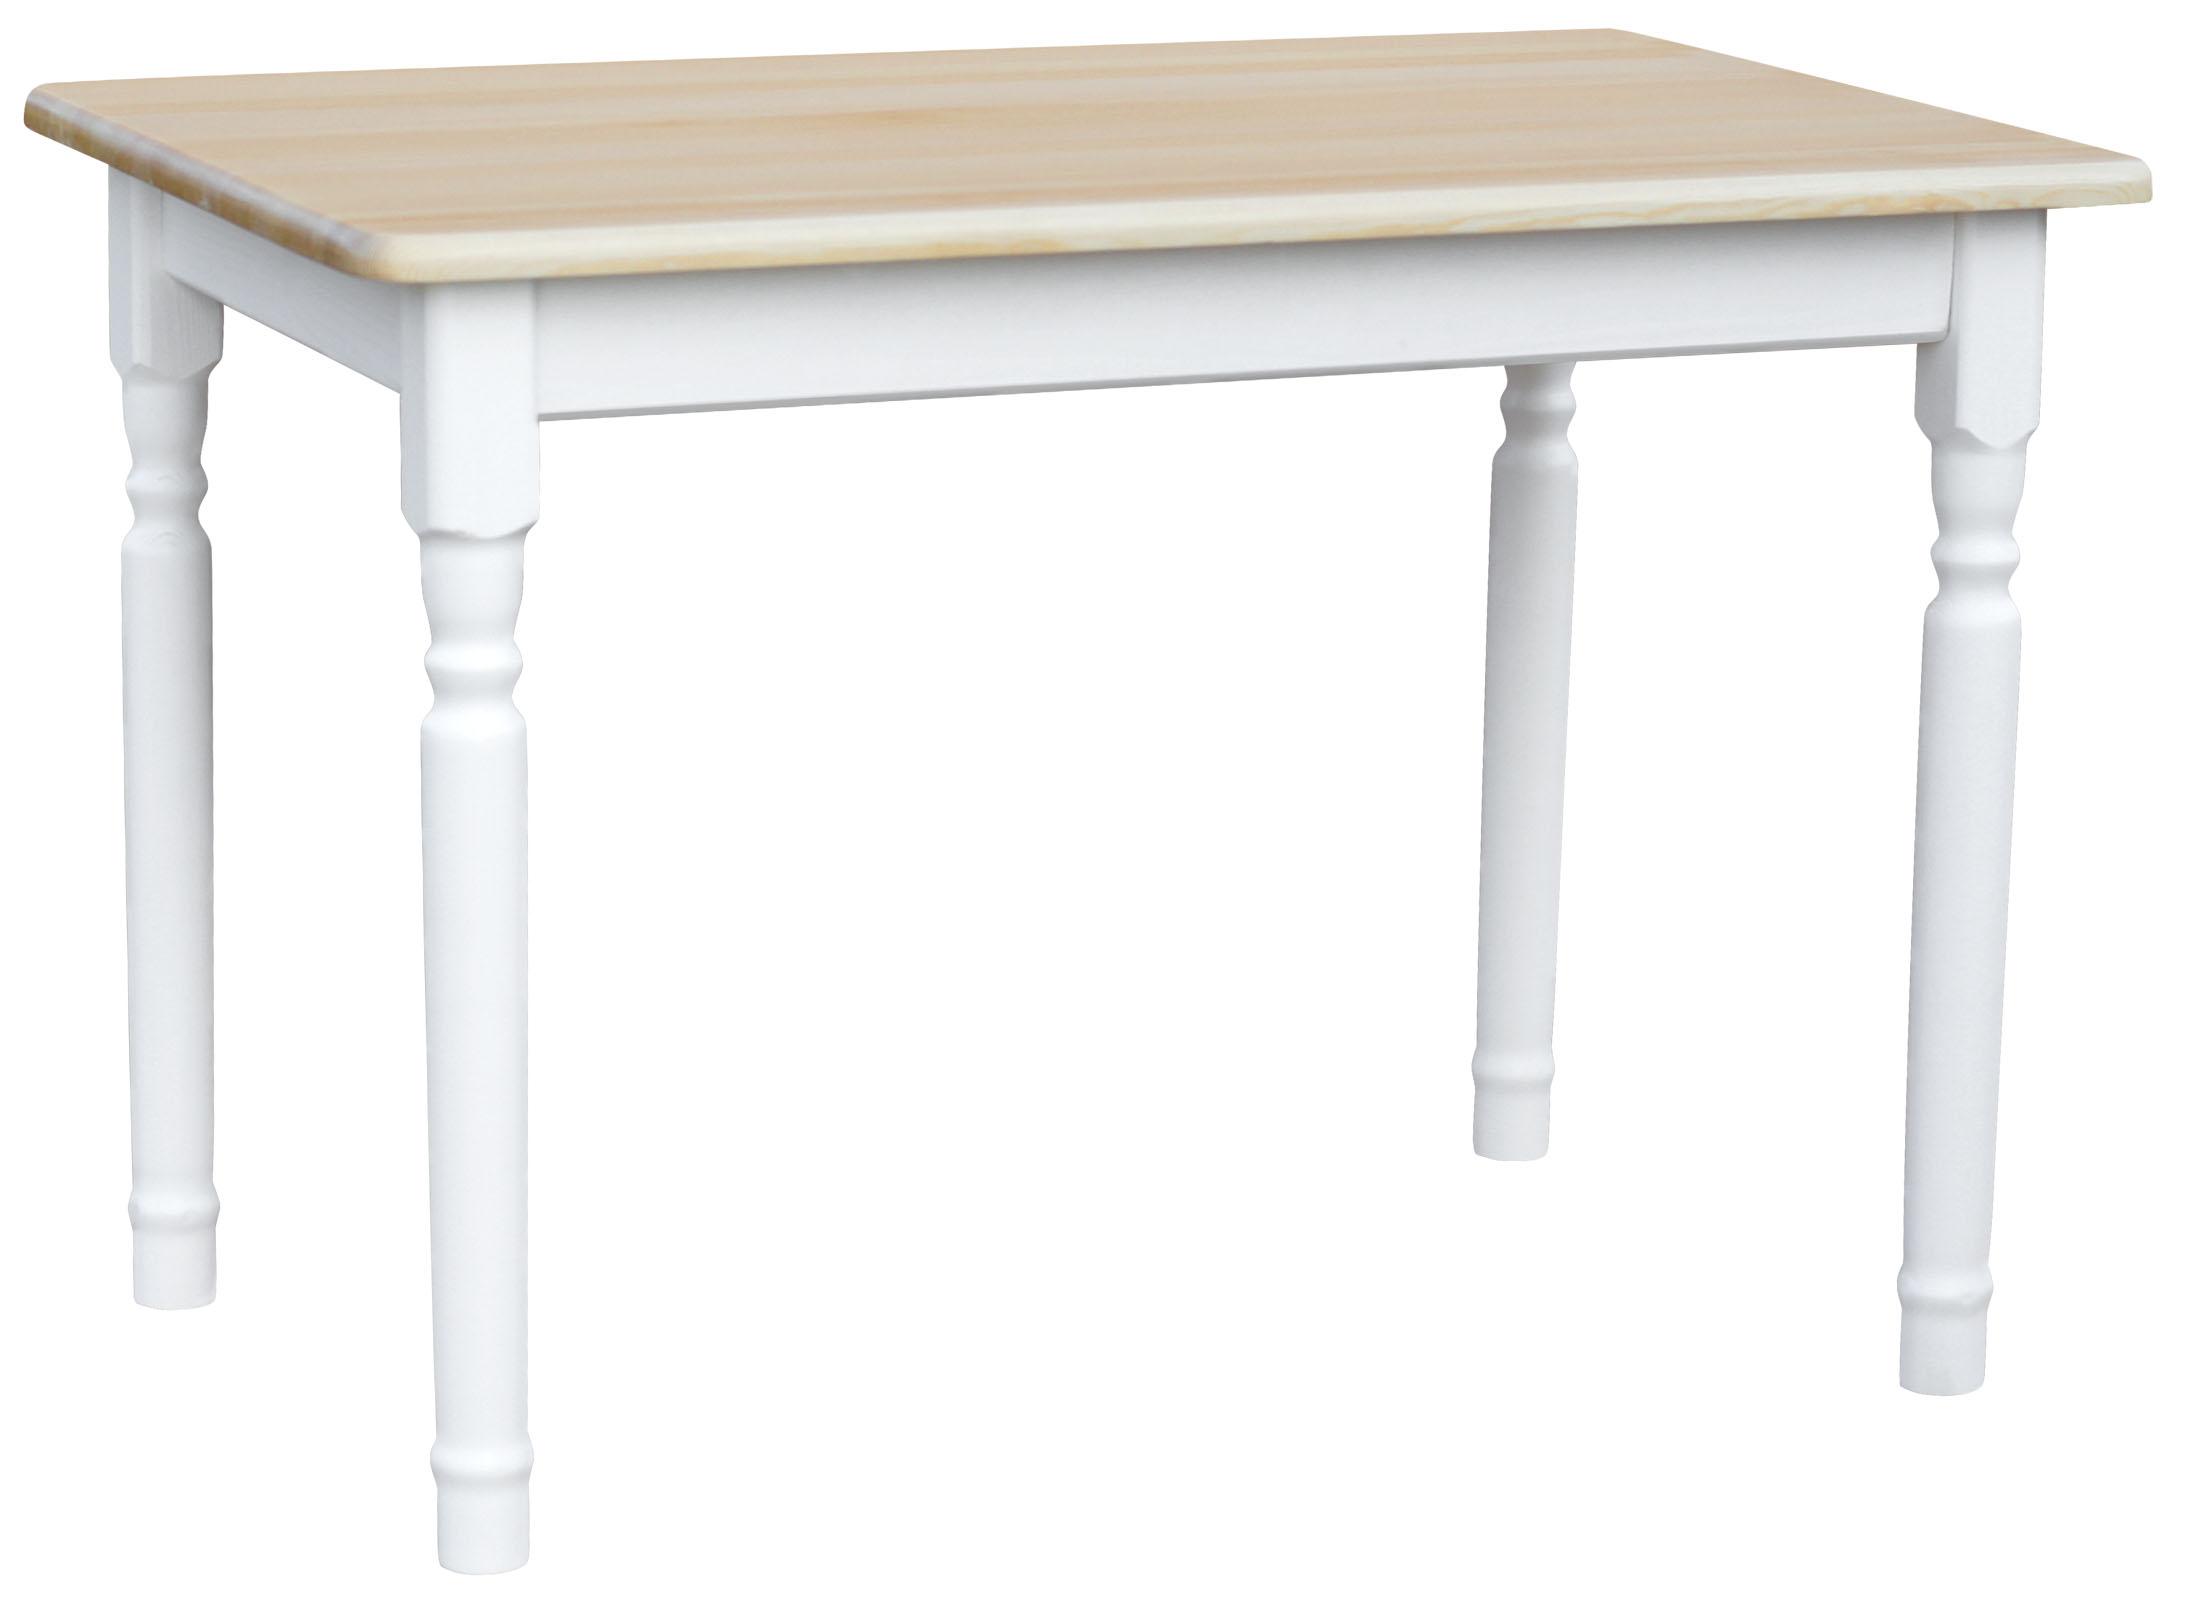 Esstisch Küchentisch Tisch MASSIV KIEFER HOLZ weiß honig Landhausstil - NEU